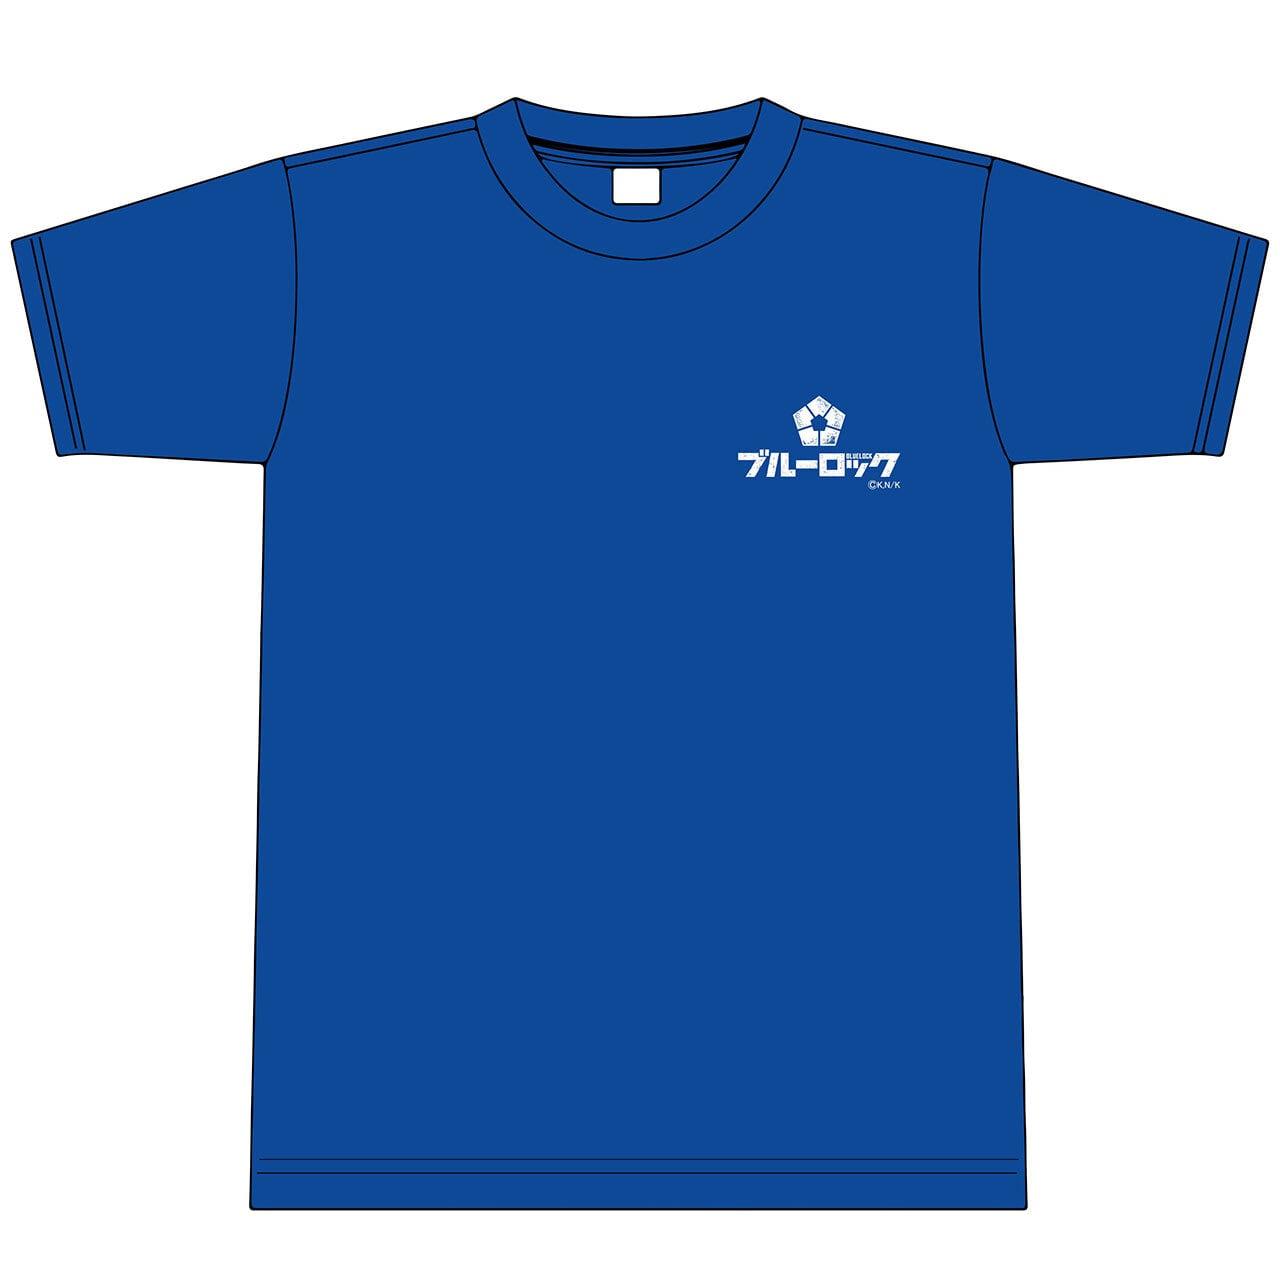 【4589839367103予】『ブルーロック』(原作) ロゴTシャツ L